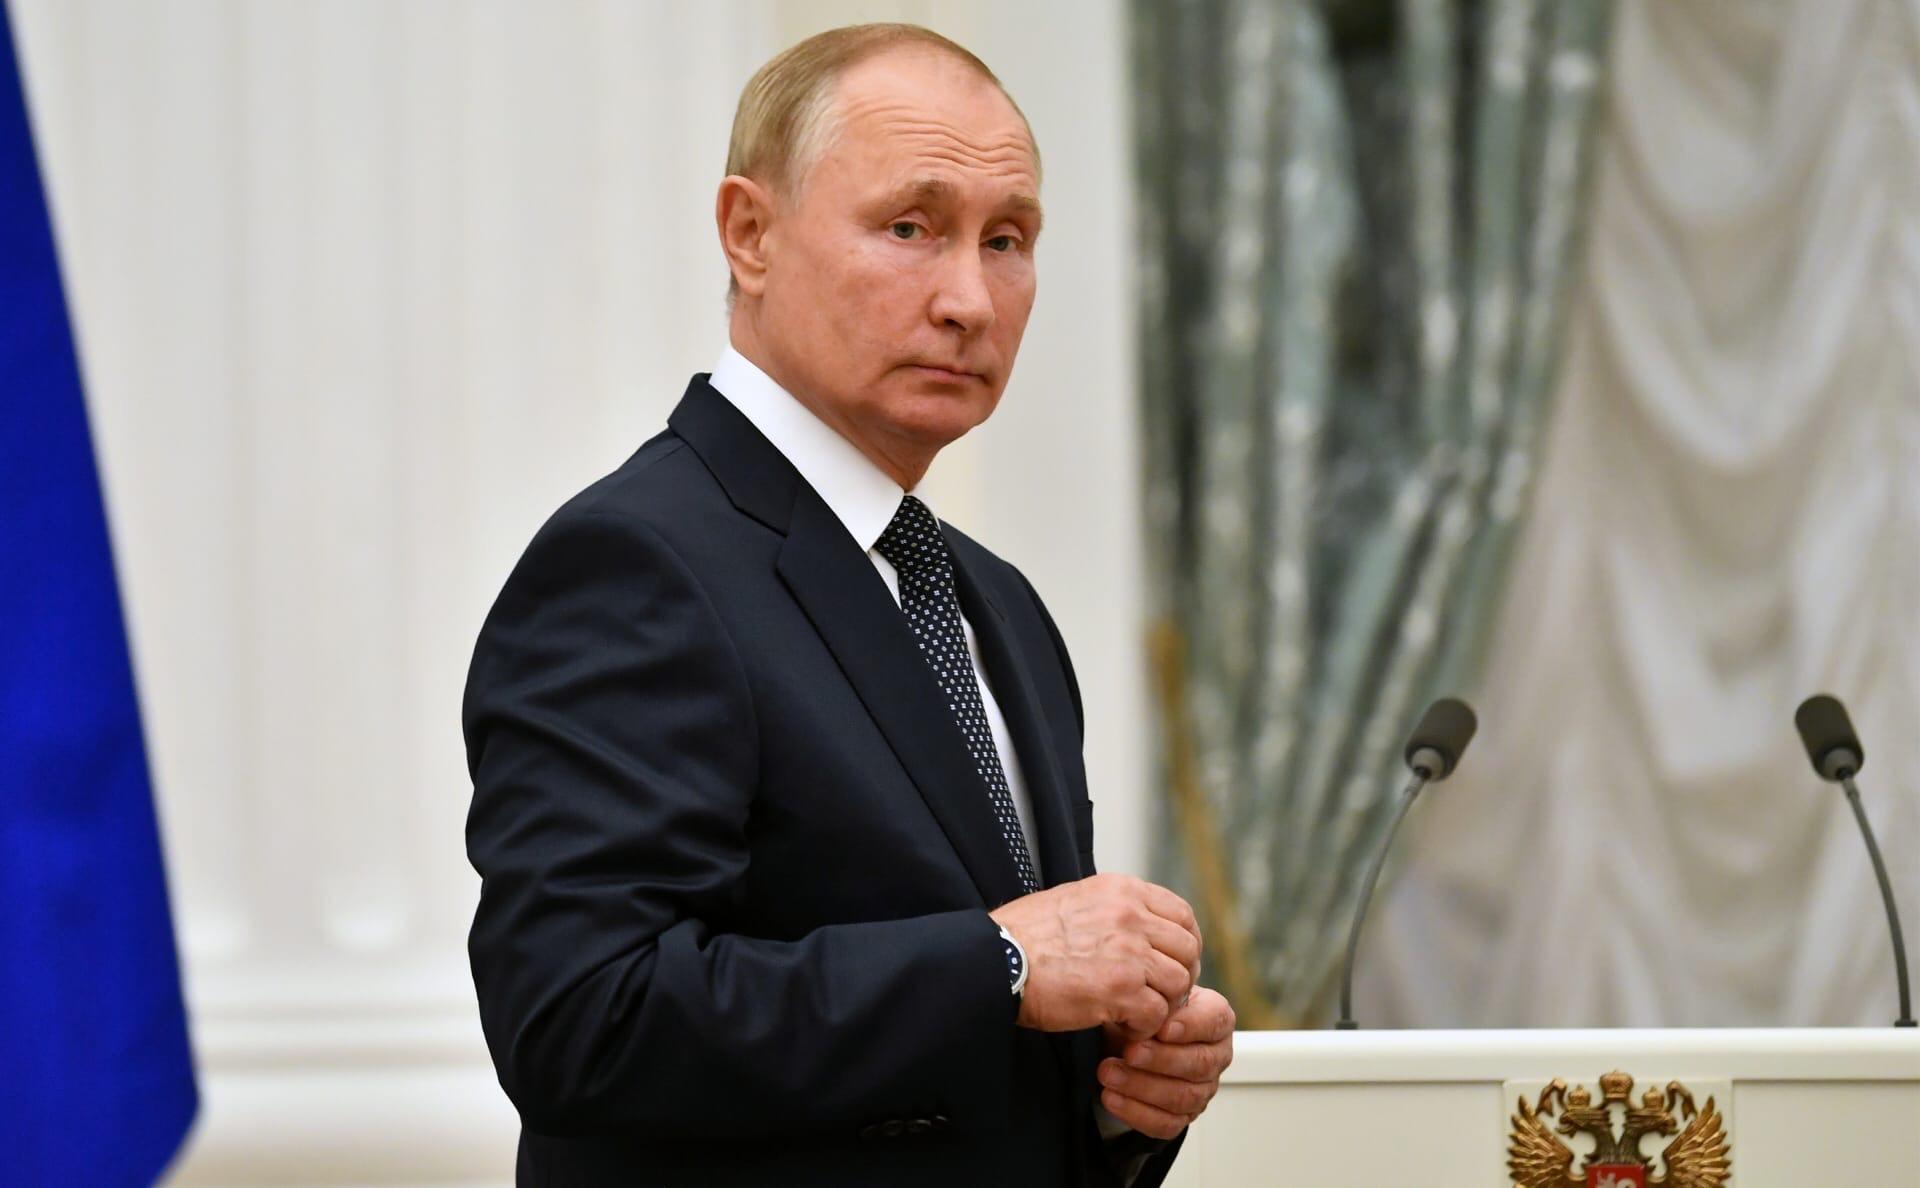 Сегодня президент России Владимир Путин празднует День